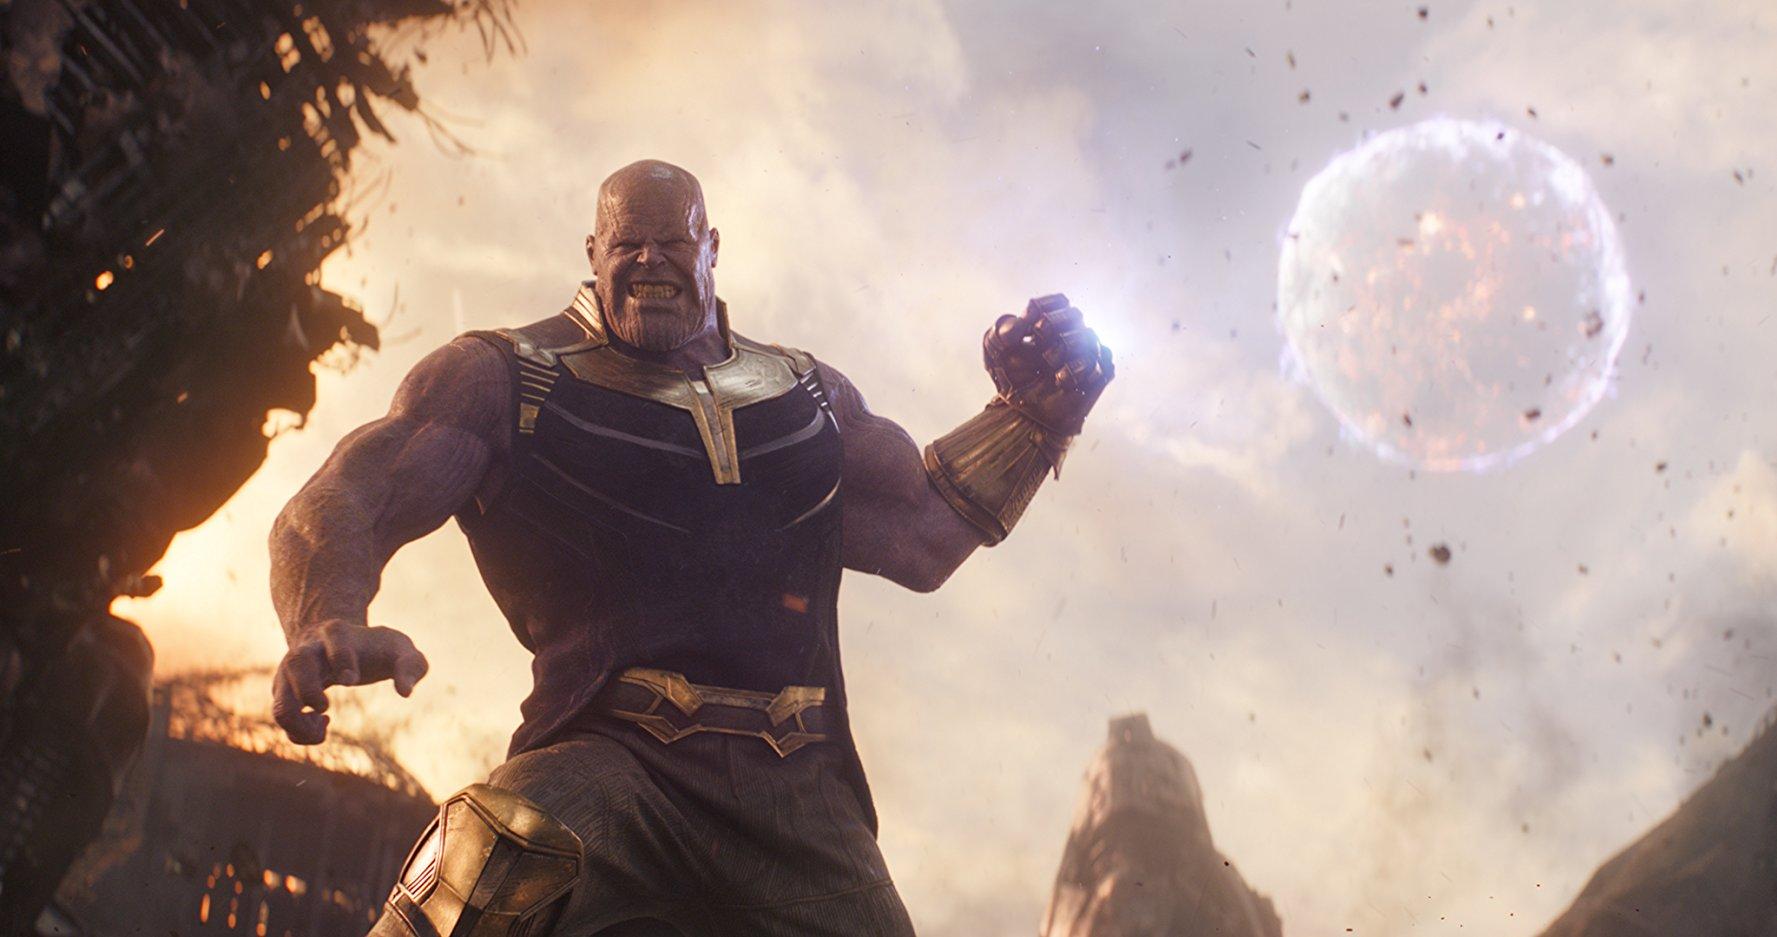 Démarrage bulldozer pour Avengers Infinity War — Sorties cinéma